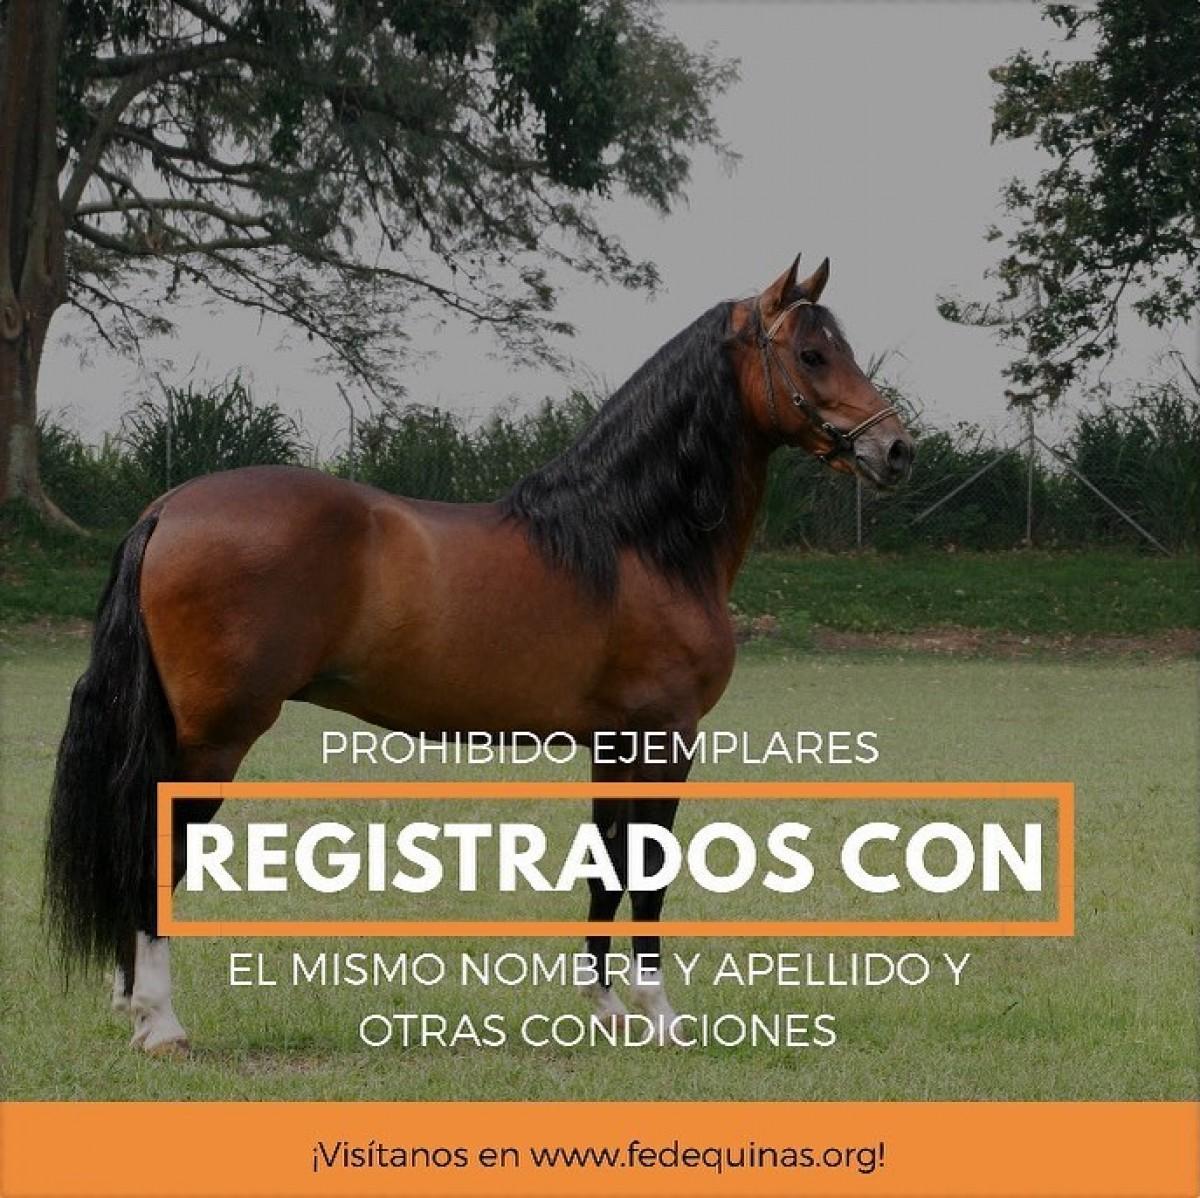 Fedequinas: Prohibido Registrar Más De Un Ejemplar Con El Mismo Nombre.....